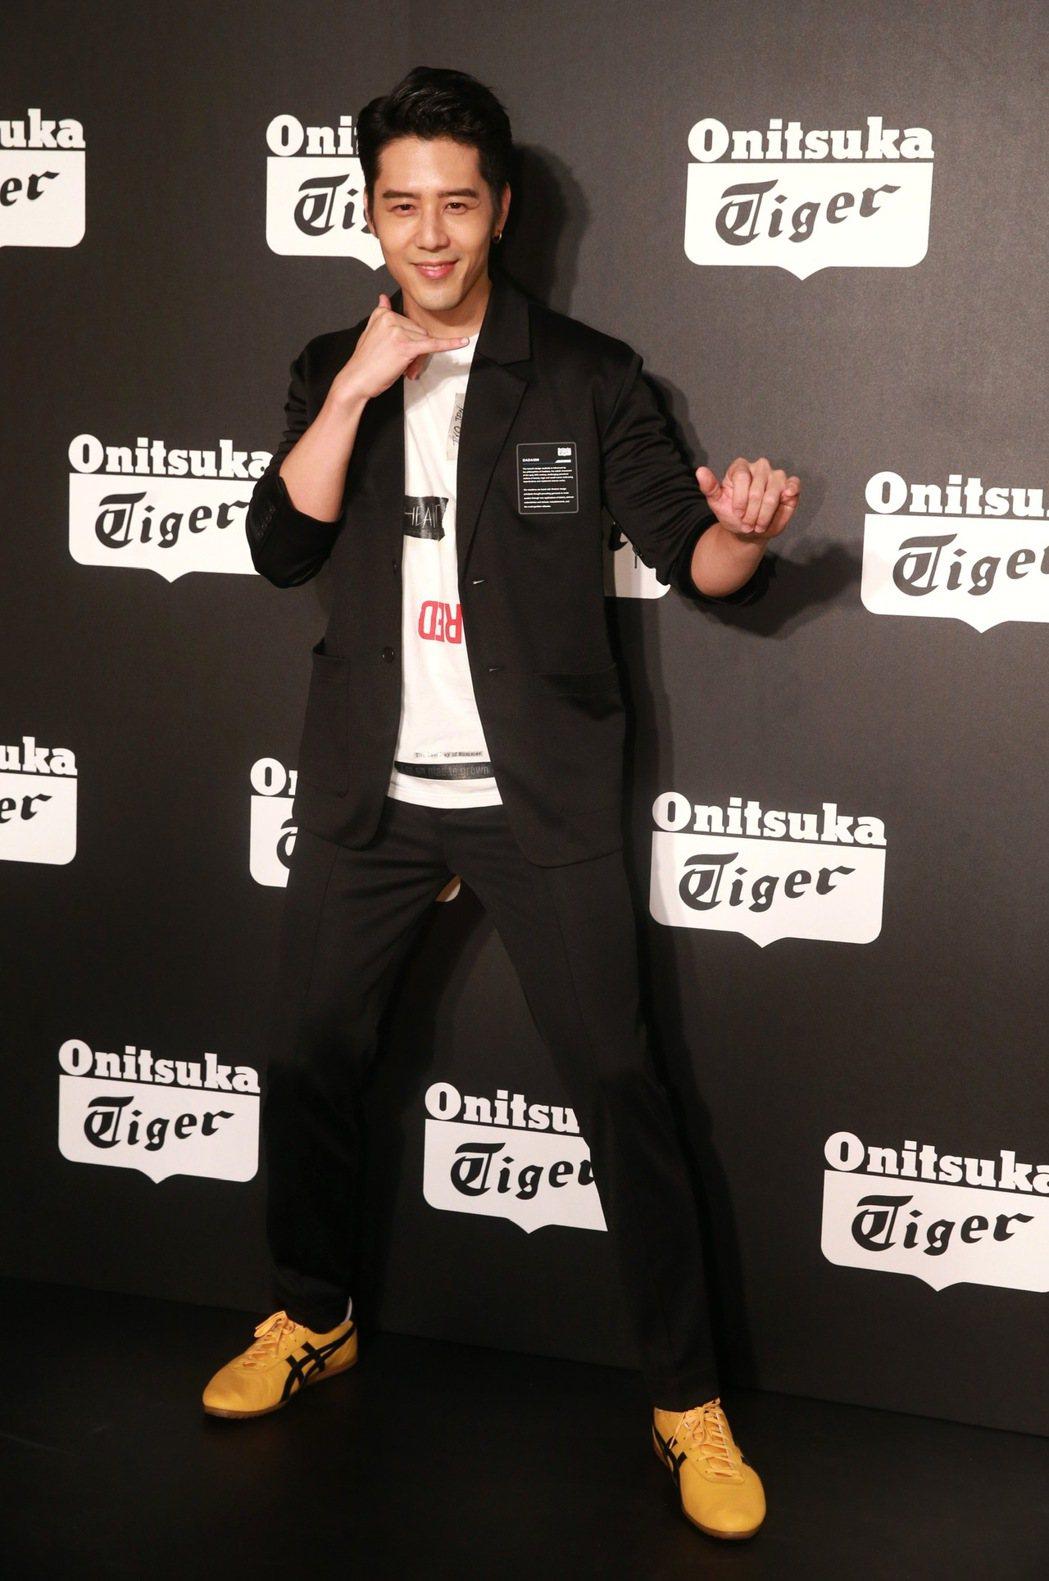 胡宇威出席球鞋品牌活動,將自己打扮成偶像李小龍的形象,對於主演的台片「寒單」帶到...